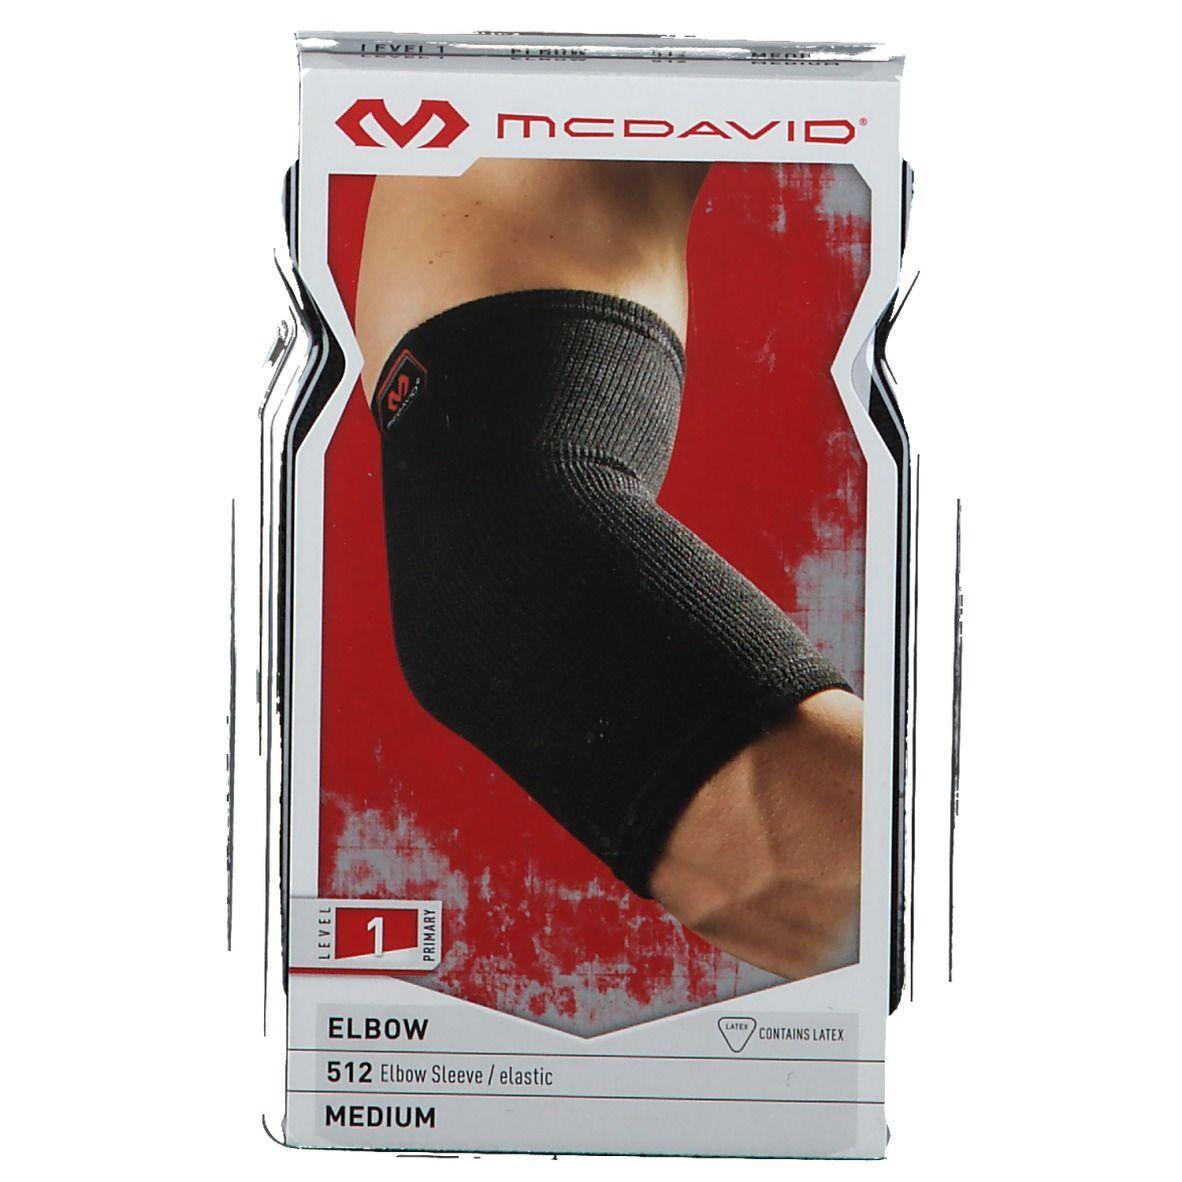 McDavid® Elbow Coudière Élastique 512 noir Taille M pc(s) bandage(s)